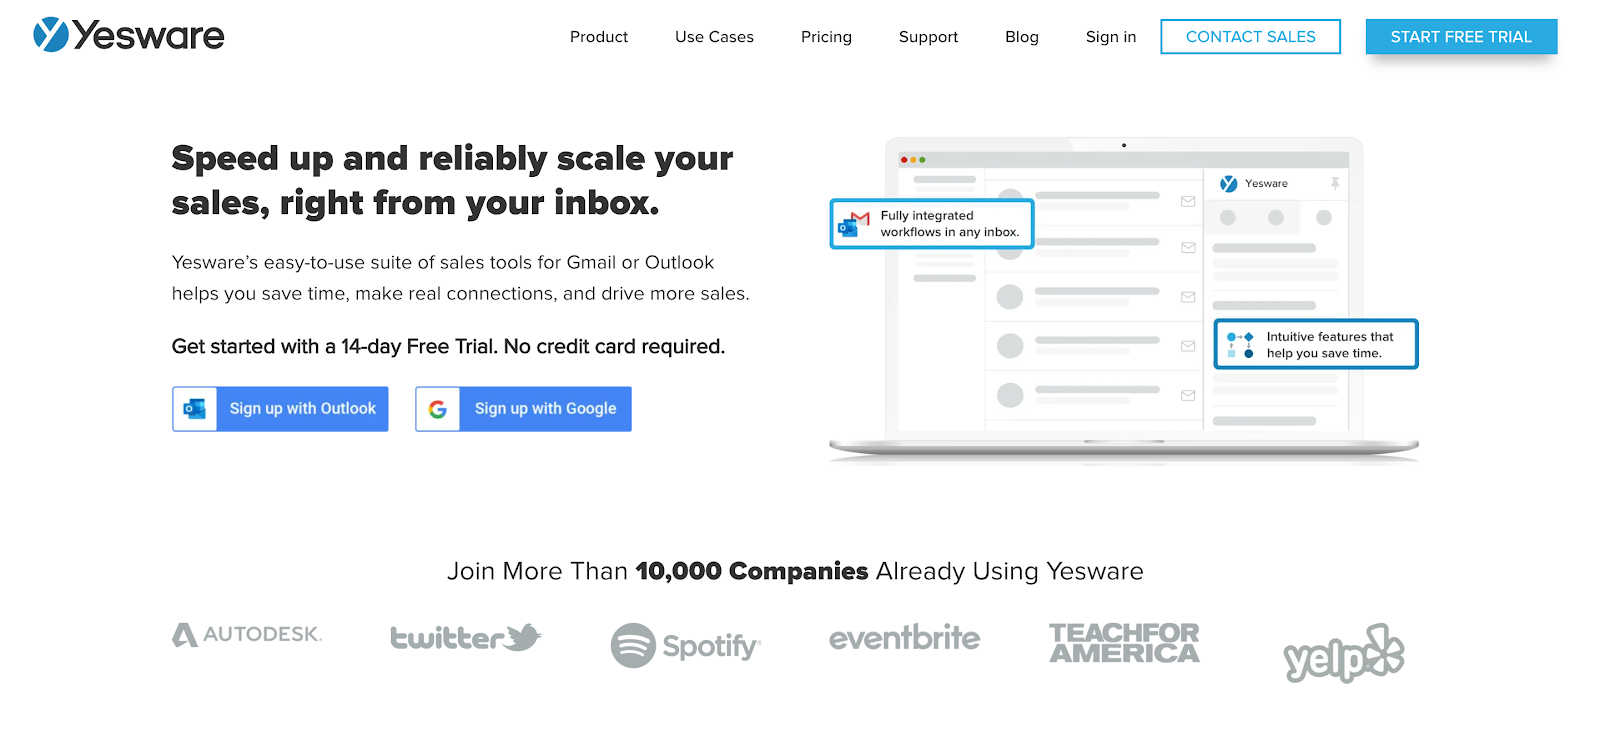 Startup Stacks - Yesware